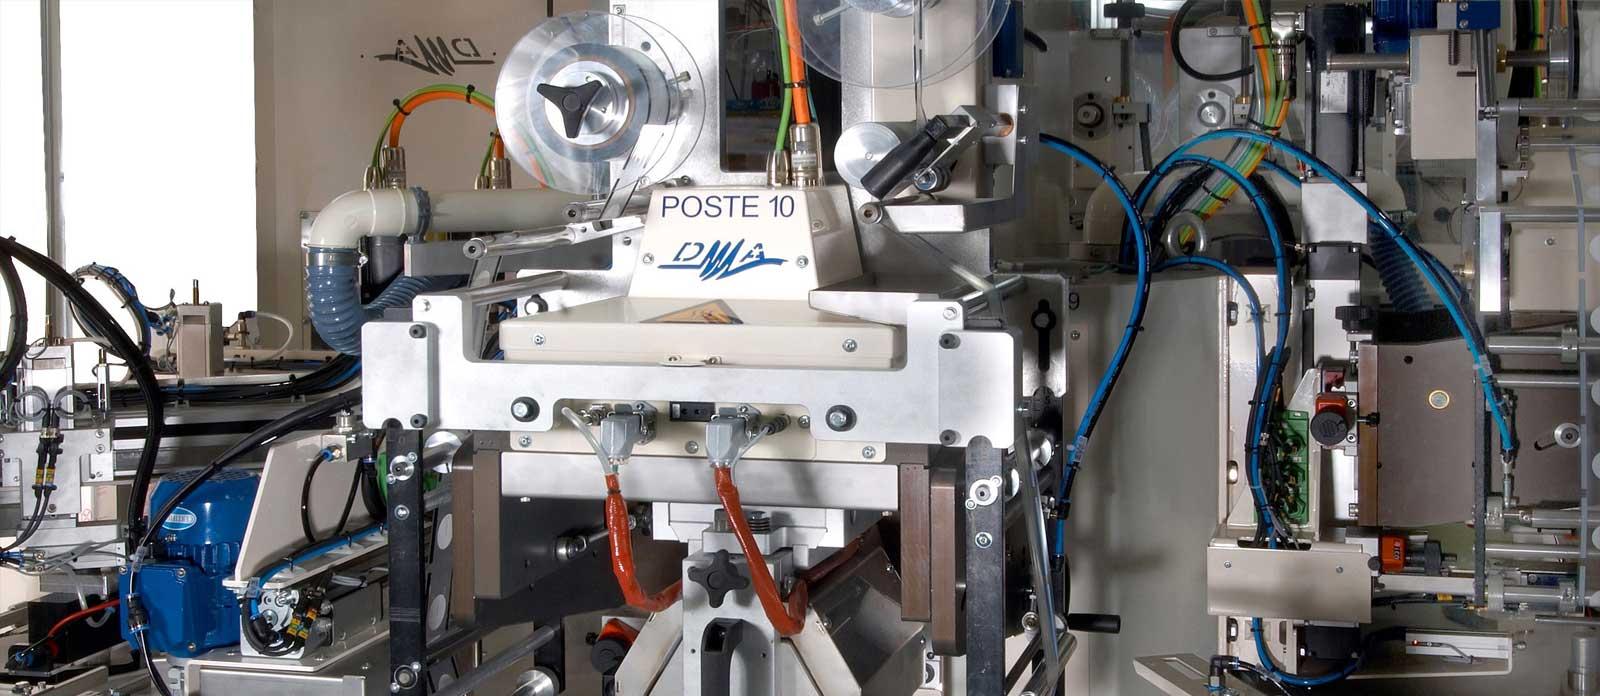 DMA, fabricant de machines spéciales sur mesure